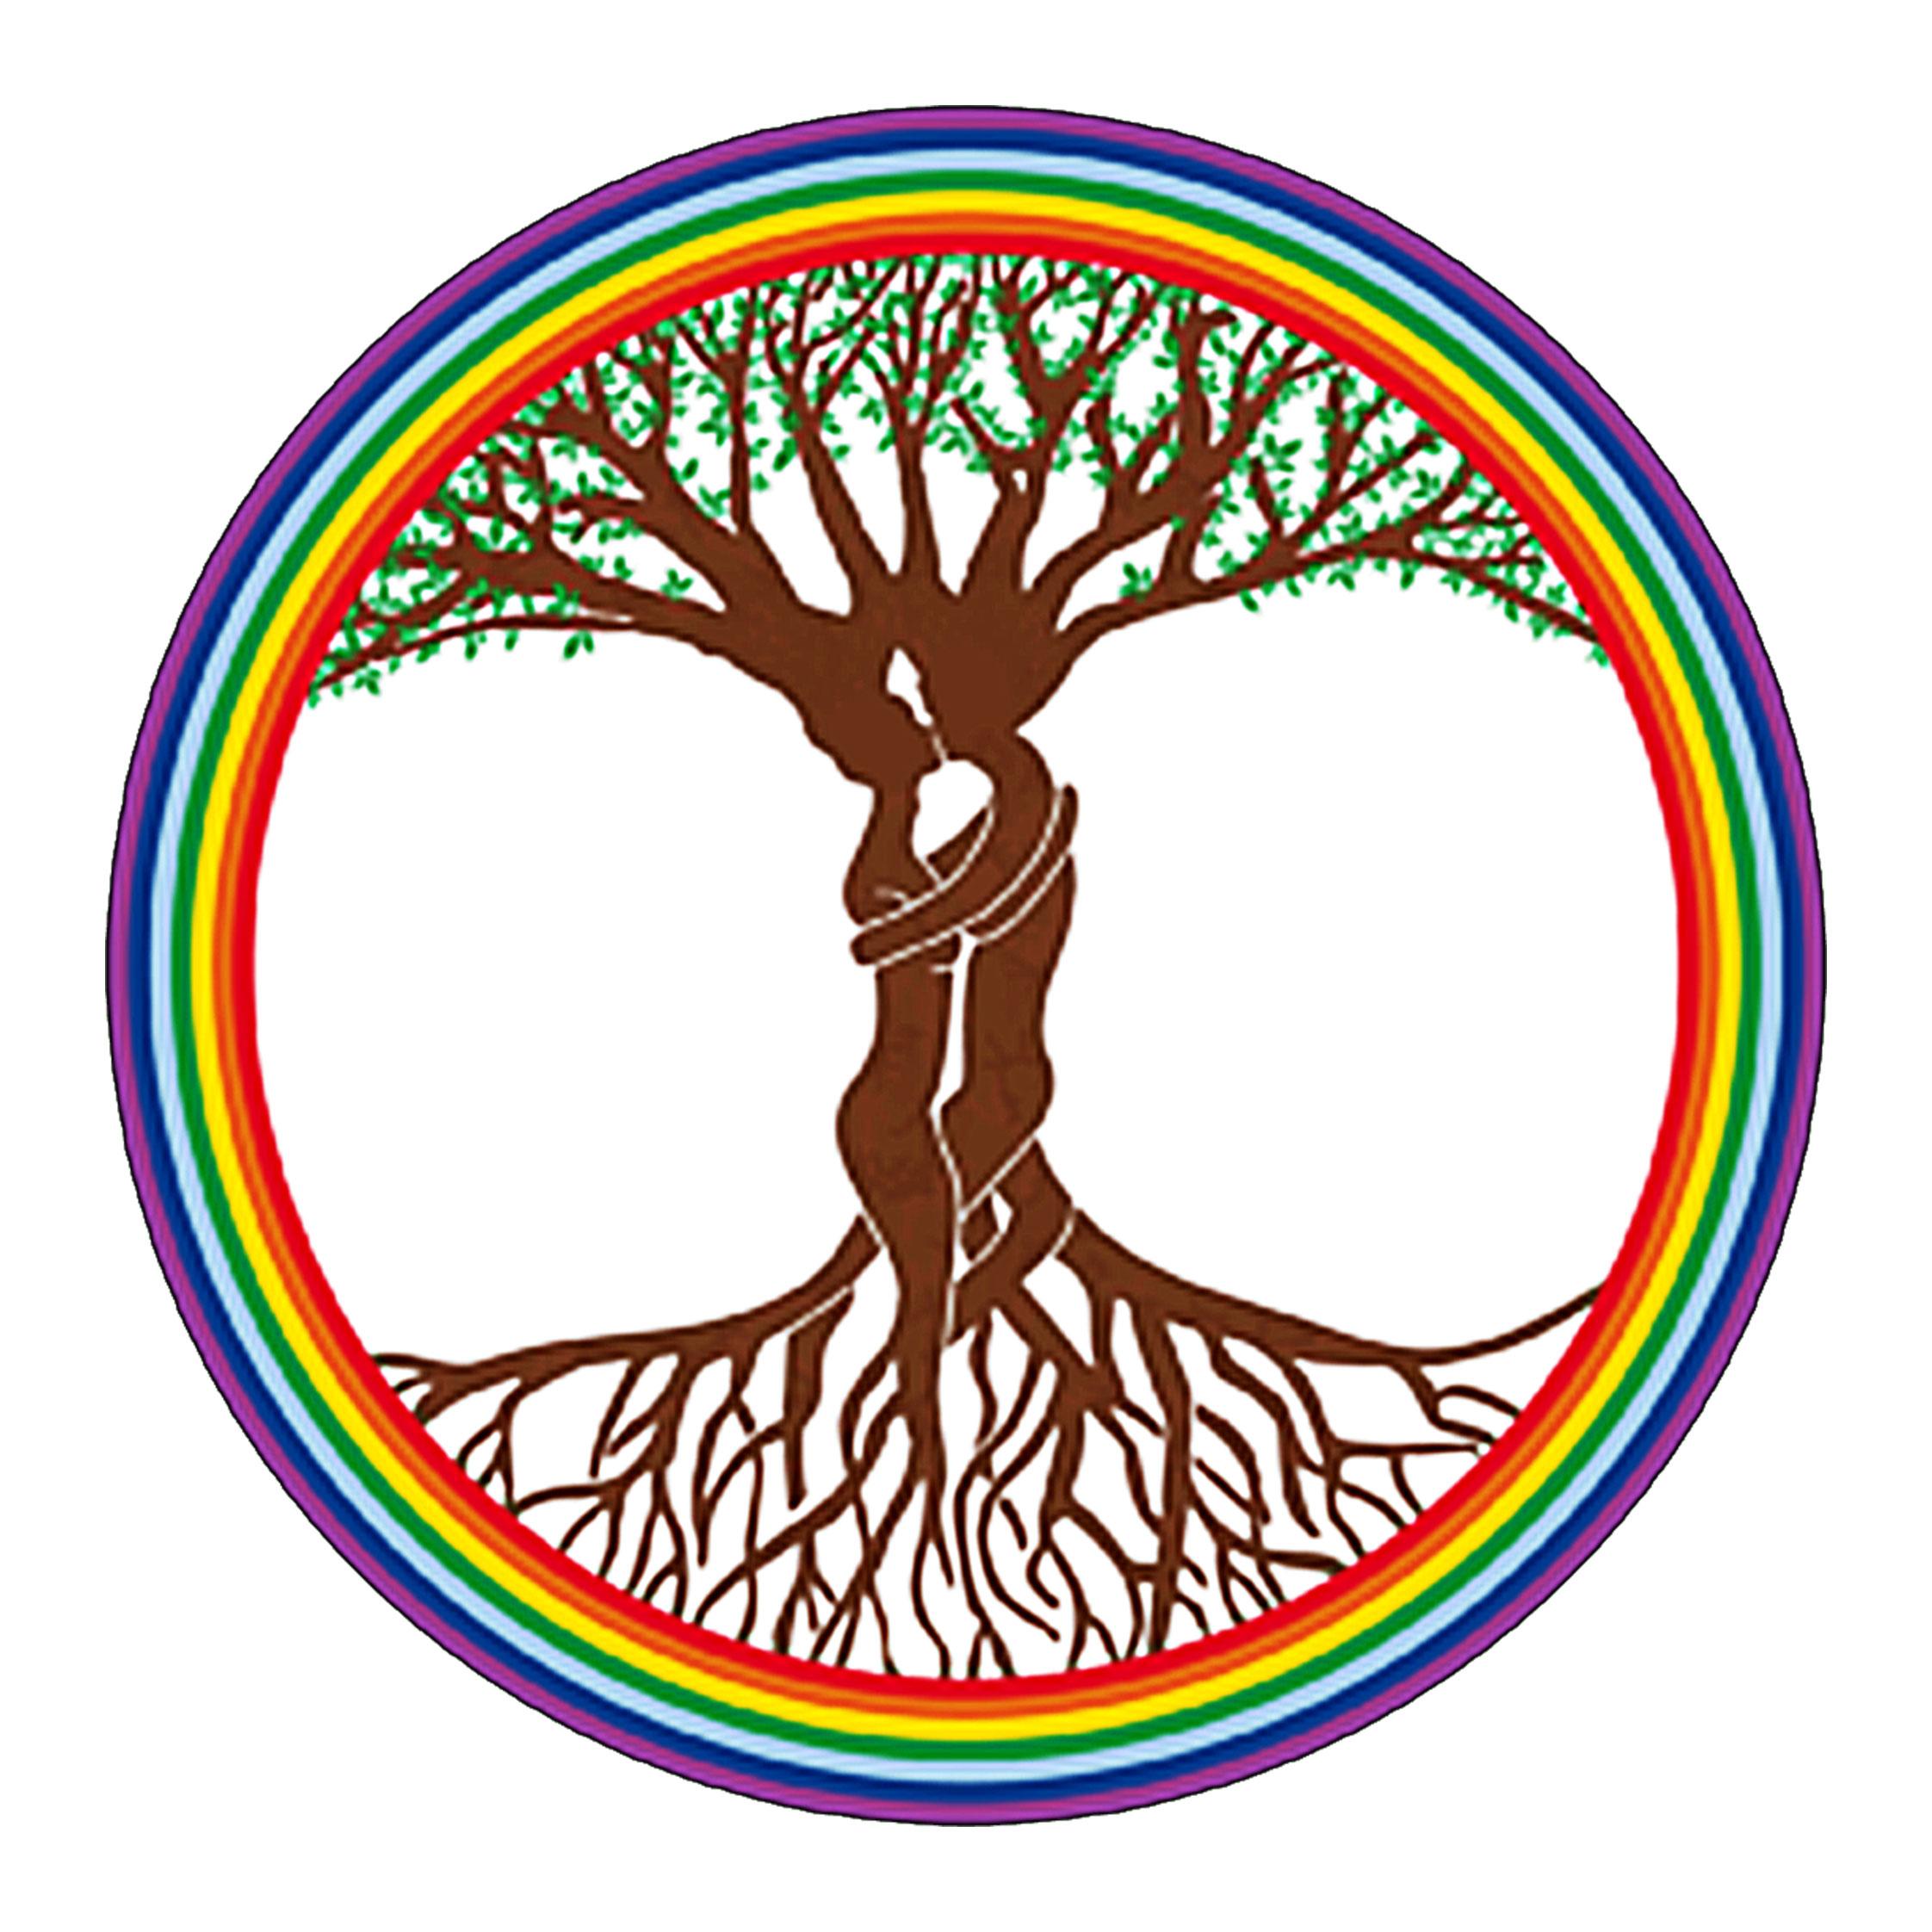 Friedensbaum-Logo